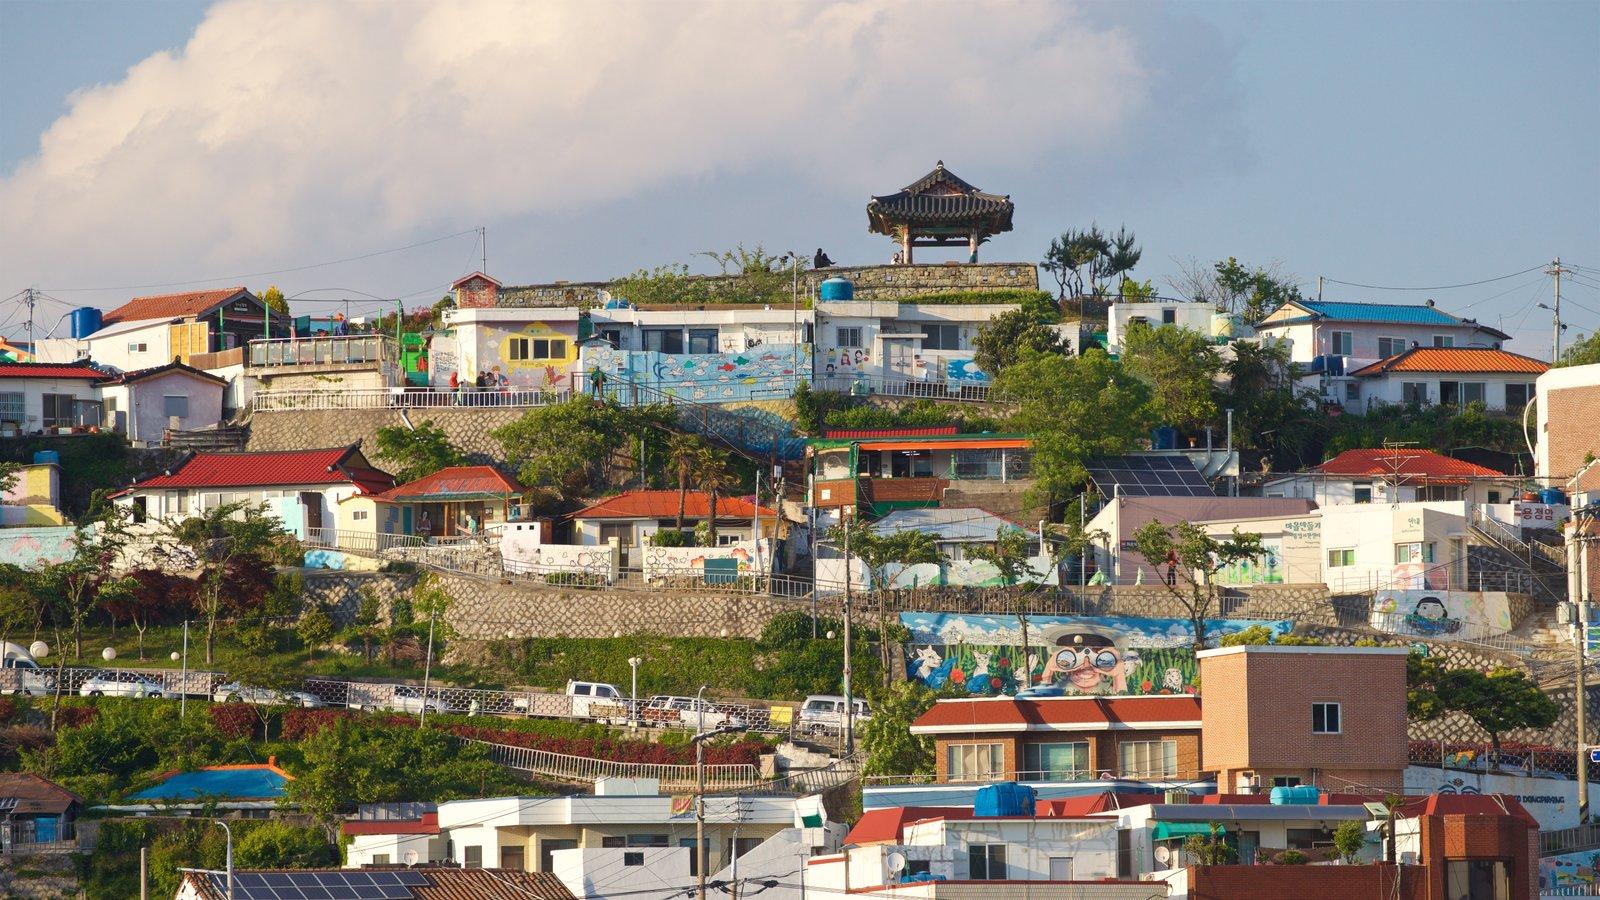 Aldea de muros pintados de Dongpirang que incluye vistas de paisajes y una pequeña ciudad o pueblo